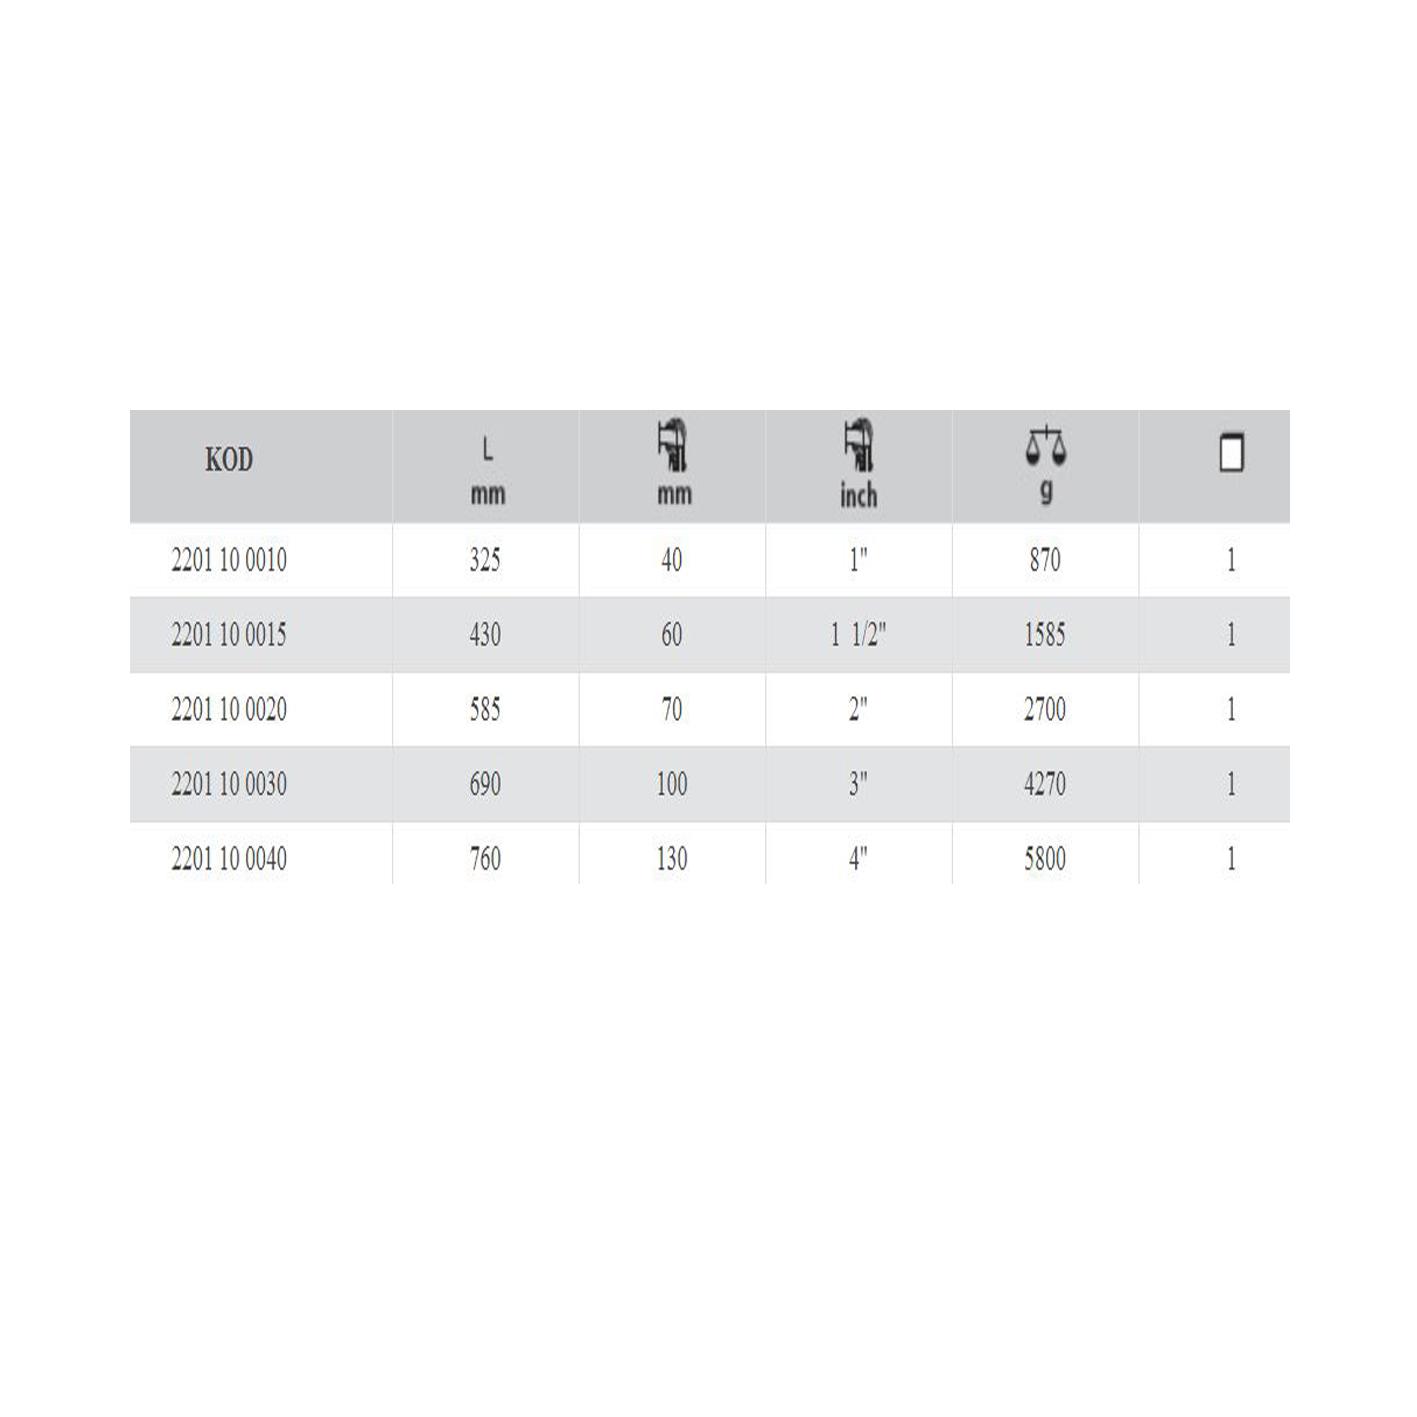 İzeltaş 2 İnç Maşalı Boru Anahtarı (85°)